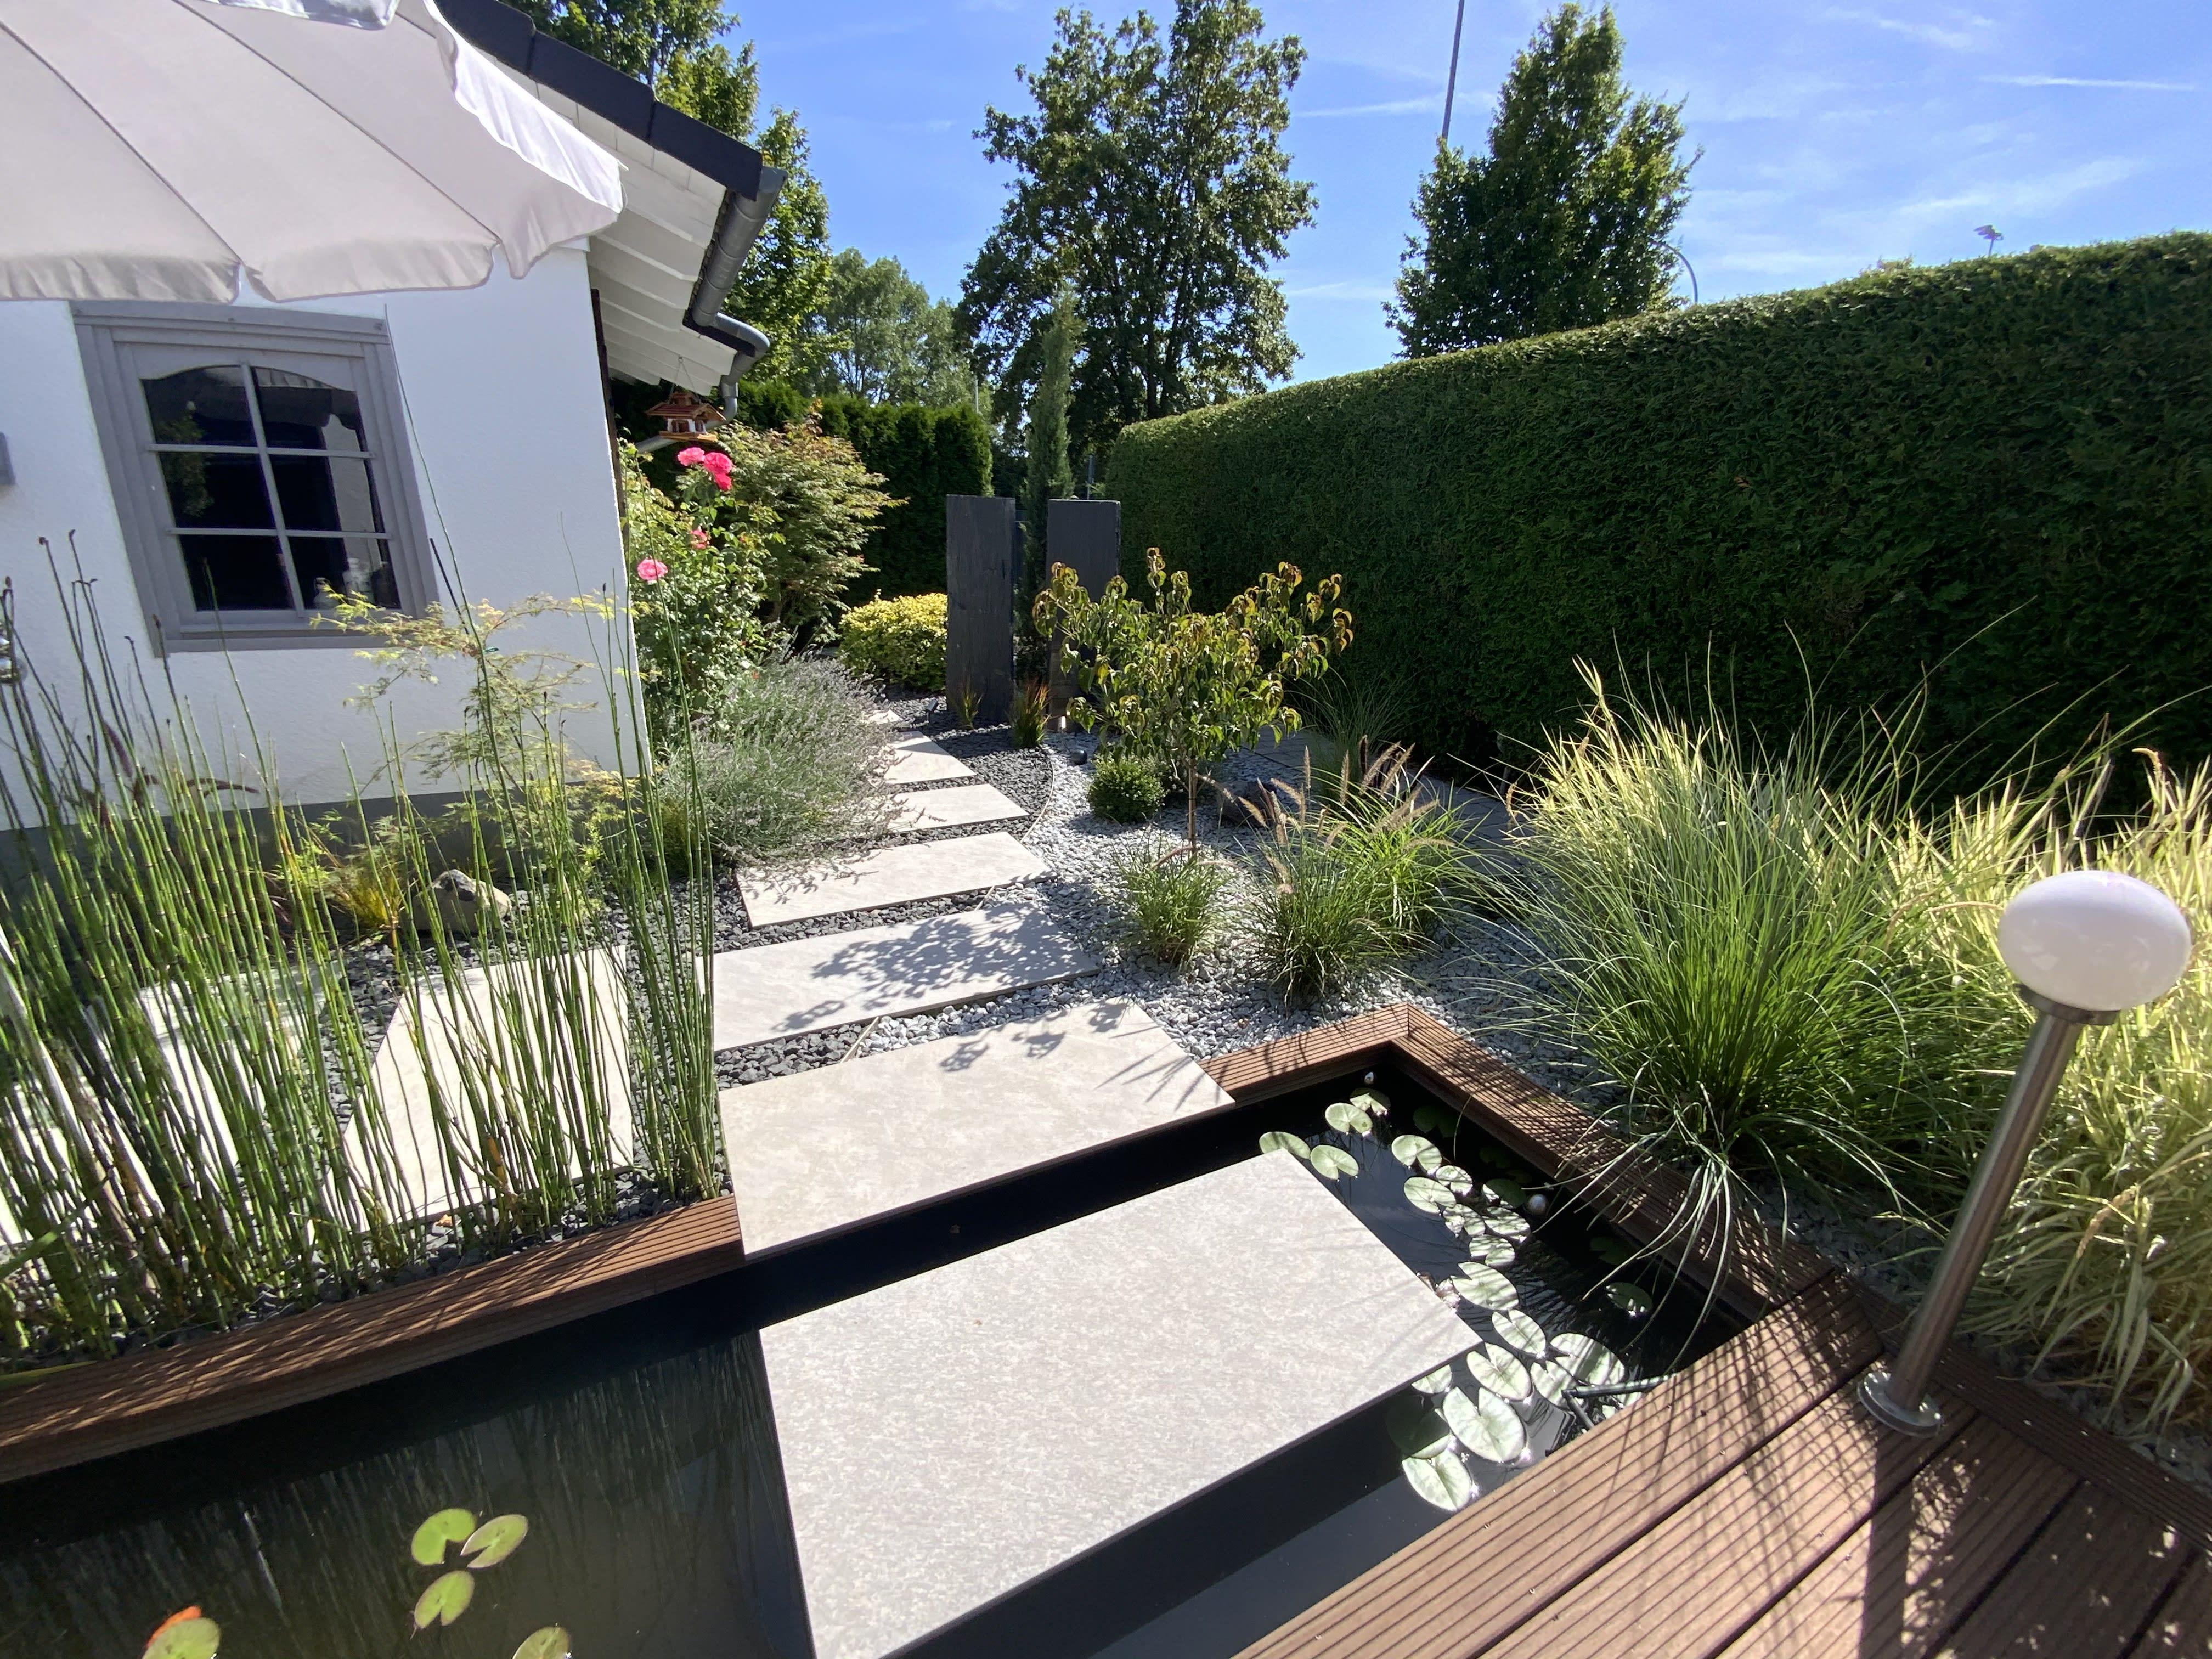 Garten mit Teich und Holzterrasse und Steinplatten von oben